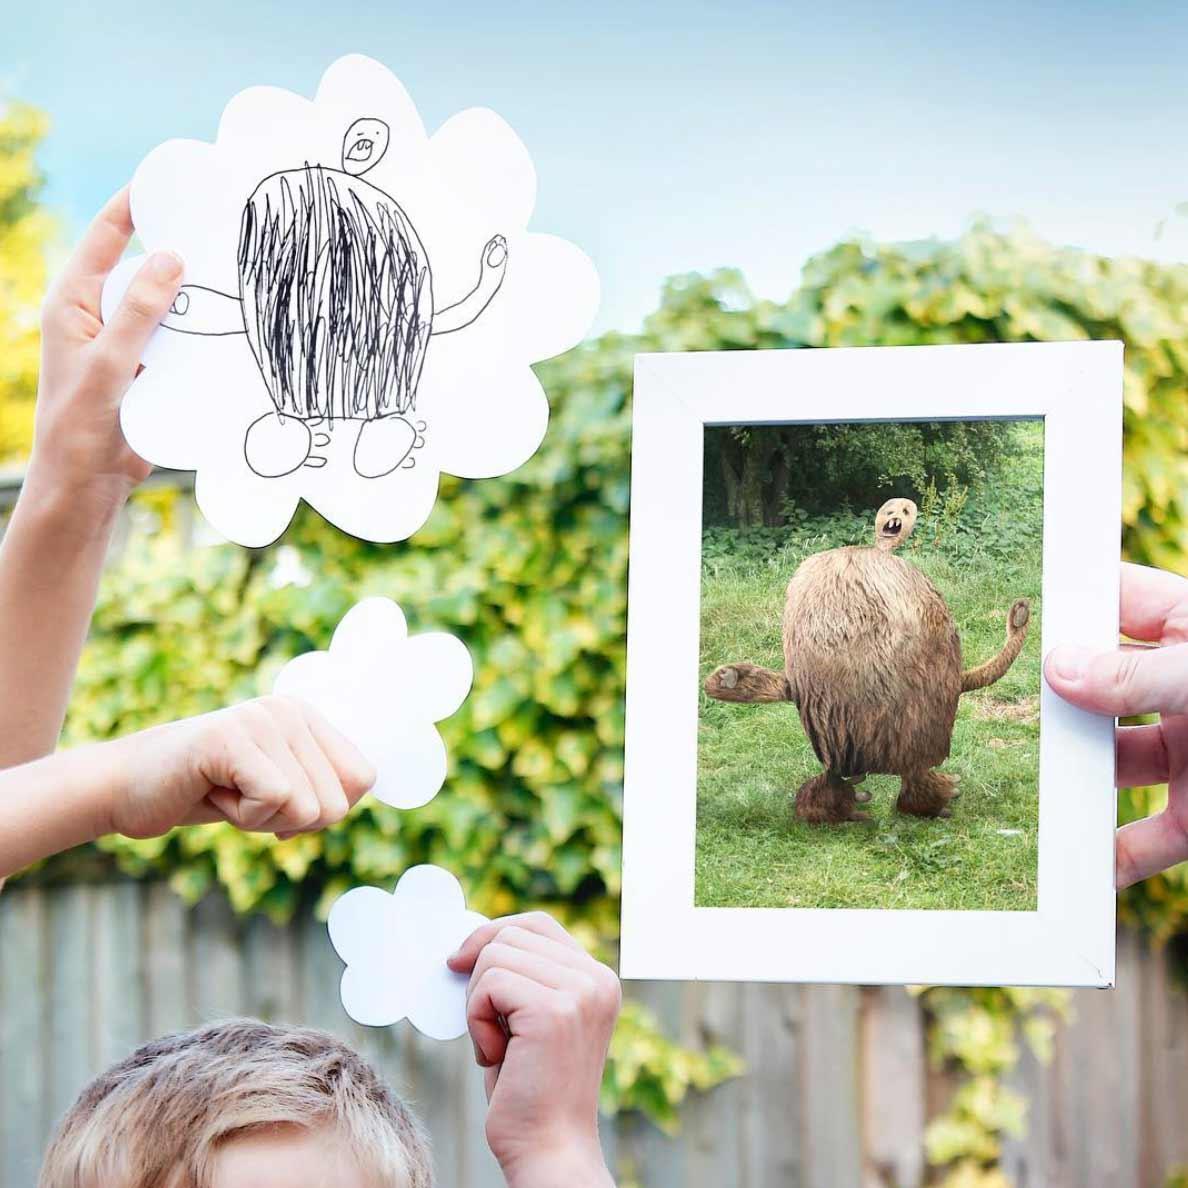 Vater photoshopped noch immer Zeichnungen seiner Söhne in die Realität ThingsIhavedrawn-2019_09